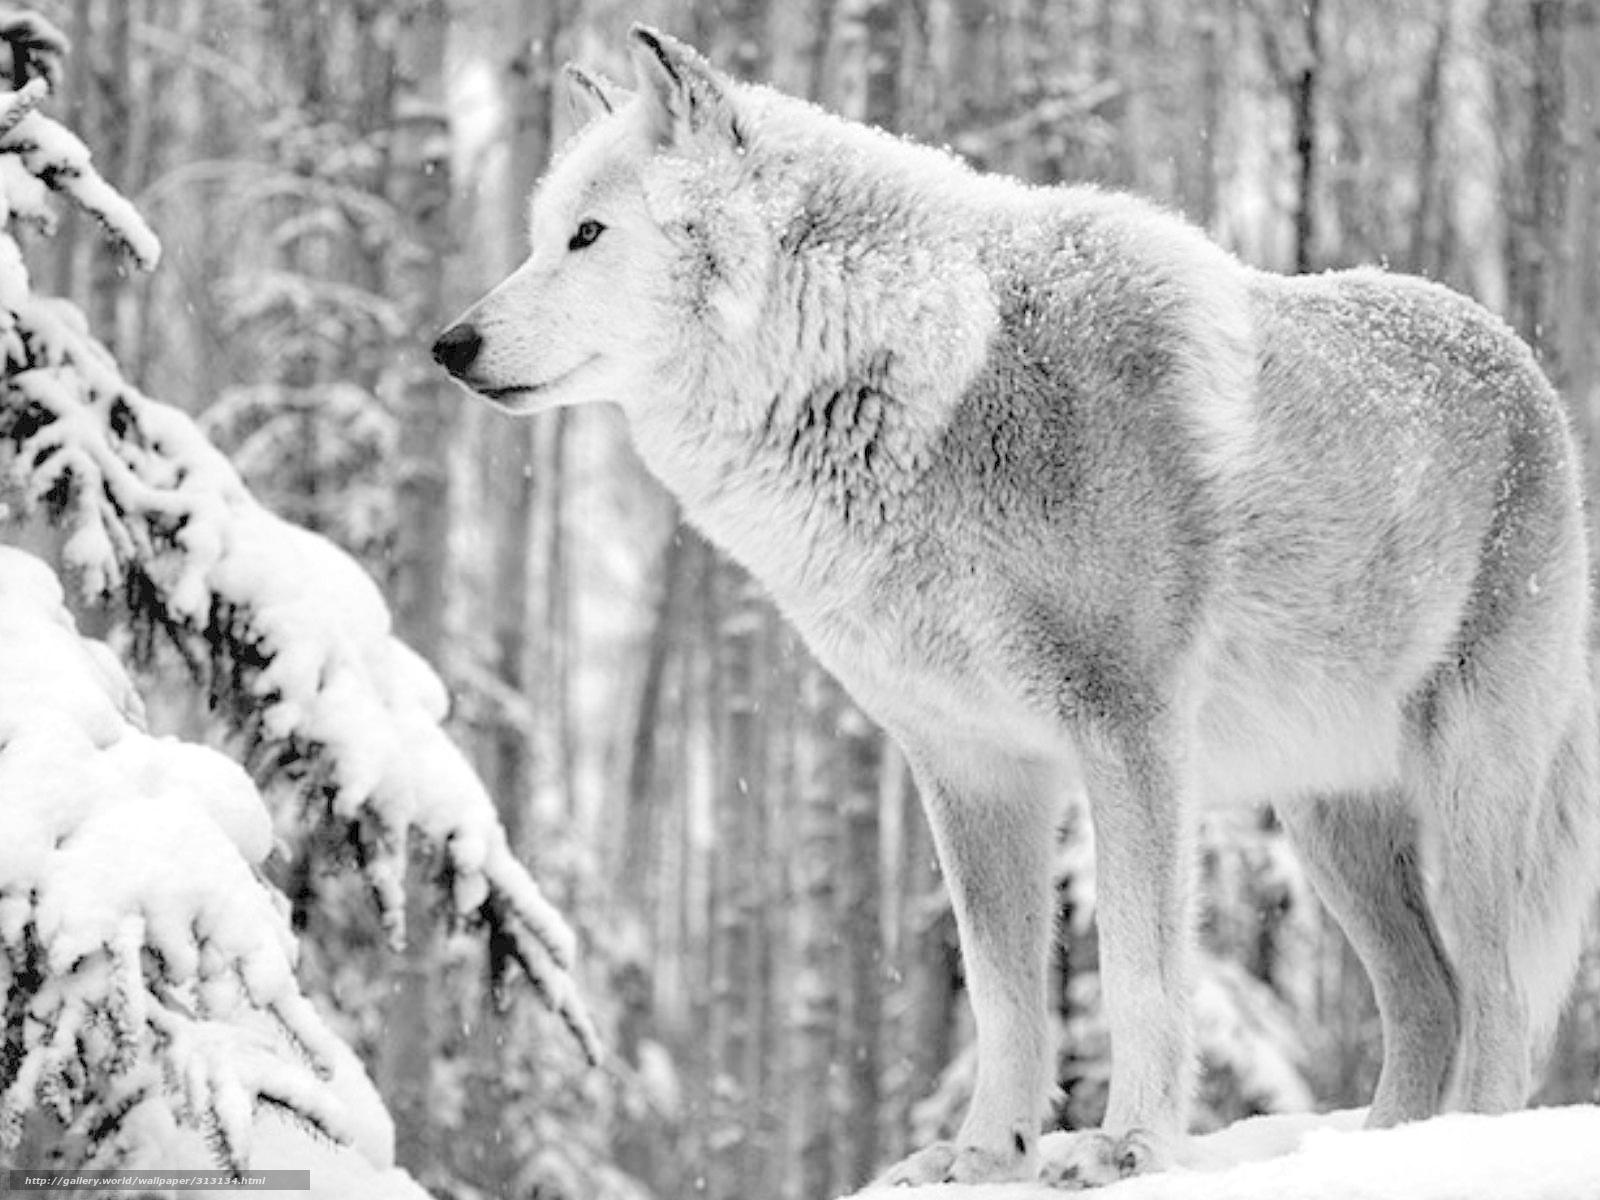 Tlcharger fond d 39 ecran animaux loup hiver neige fonds d for Fond ecran hiver animaux